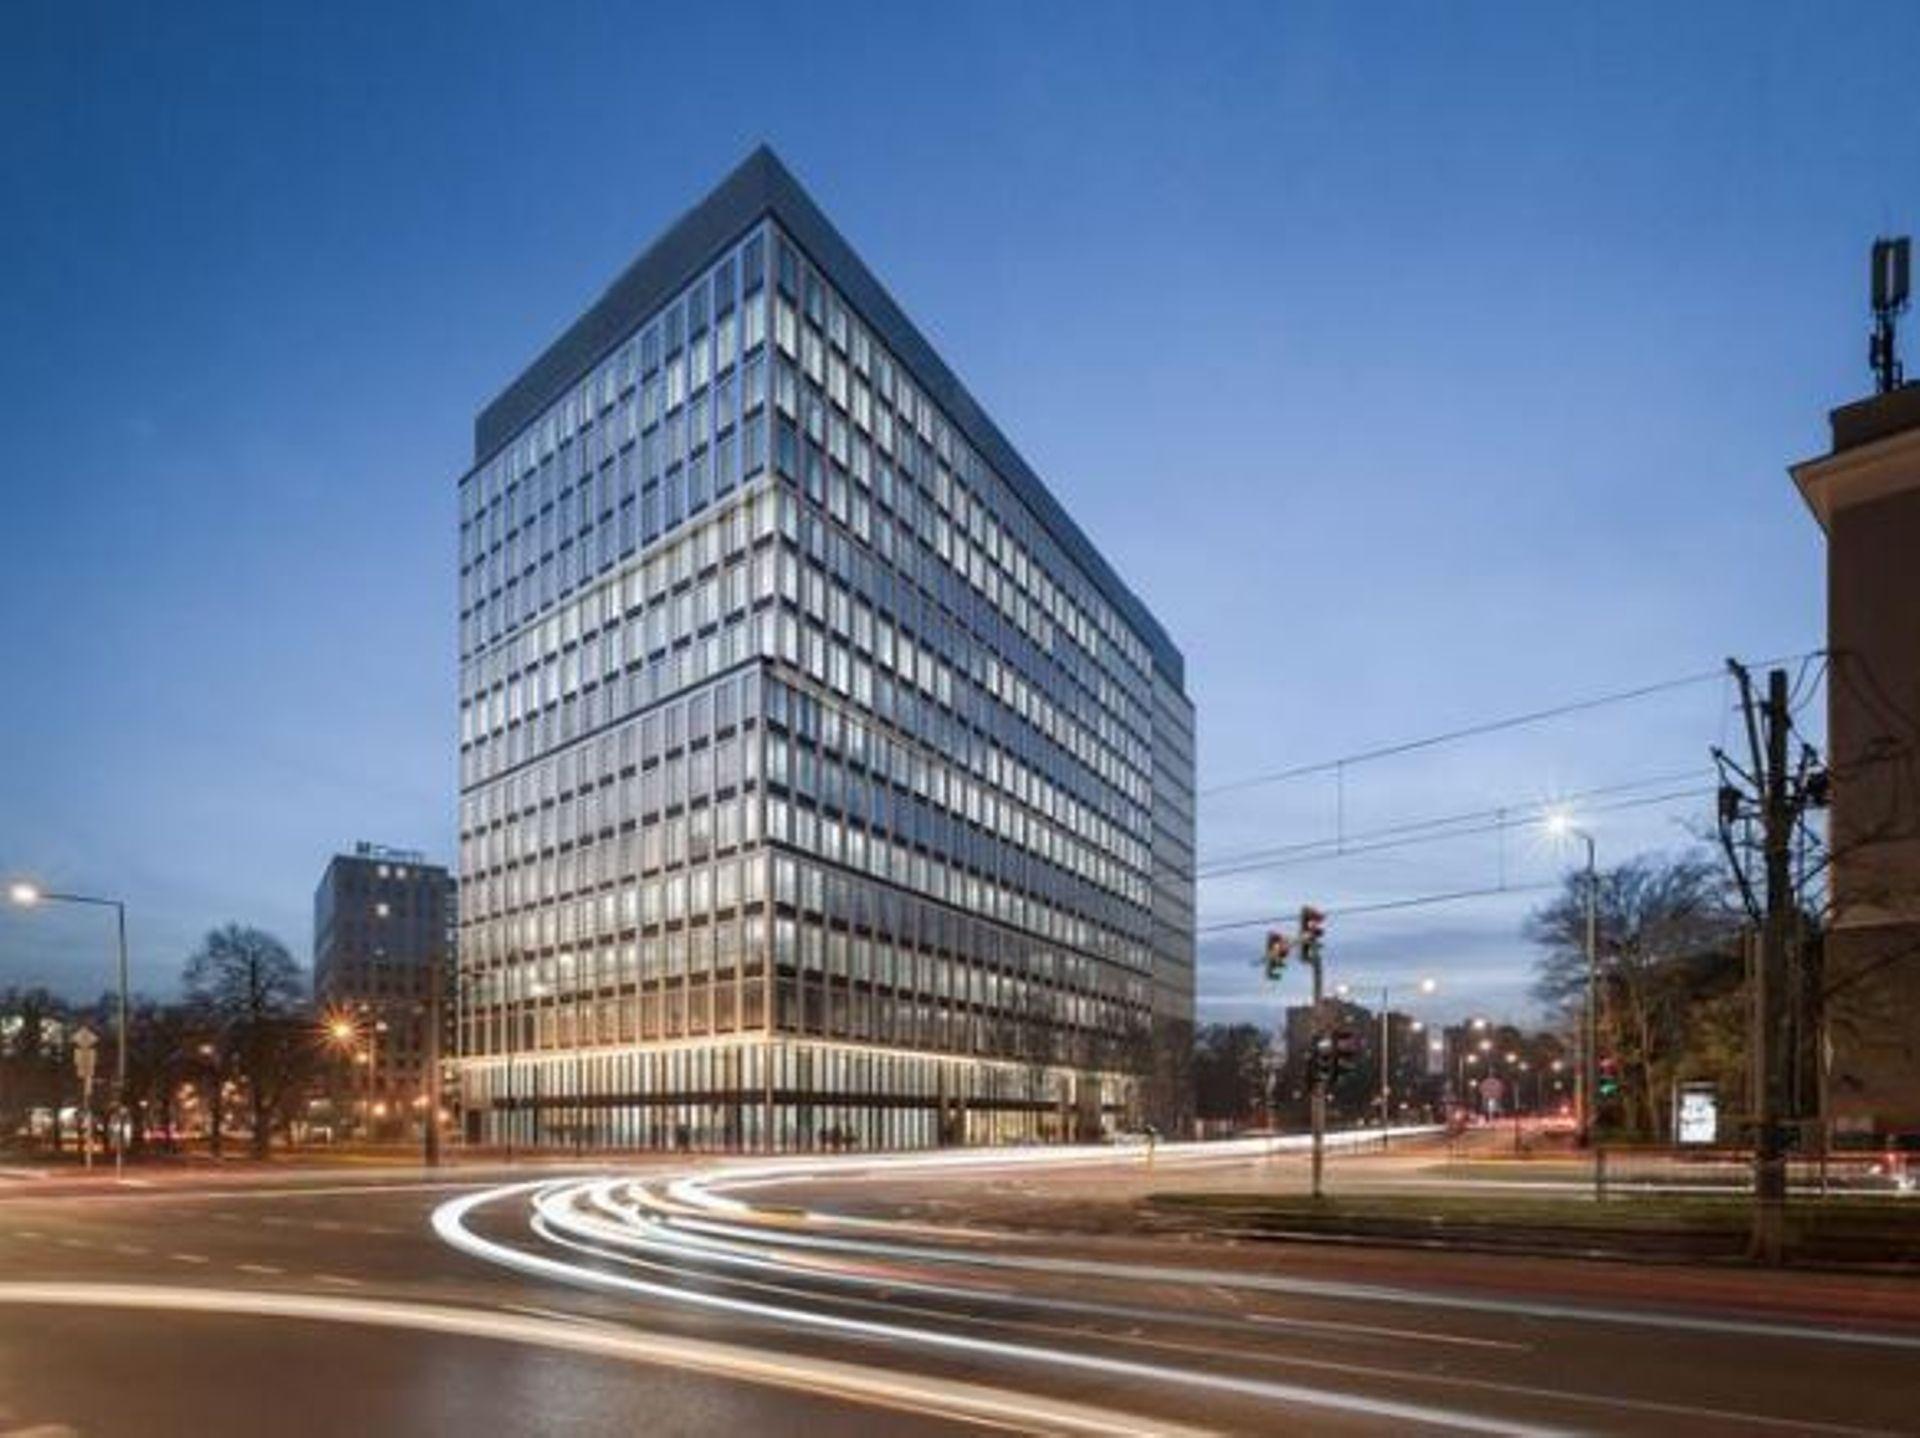 W Warszawie powstaje nowy biurowiec P180 [FILM]